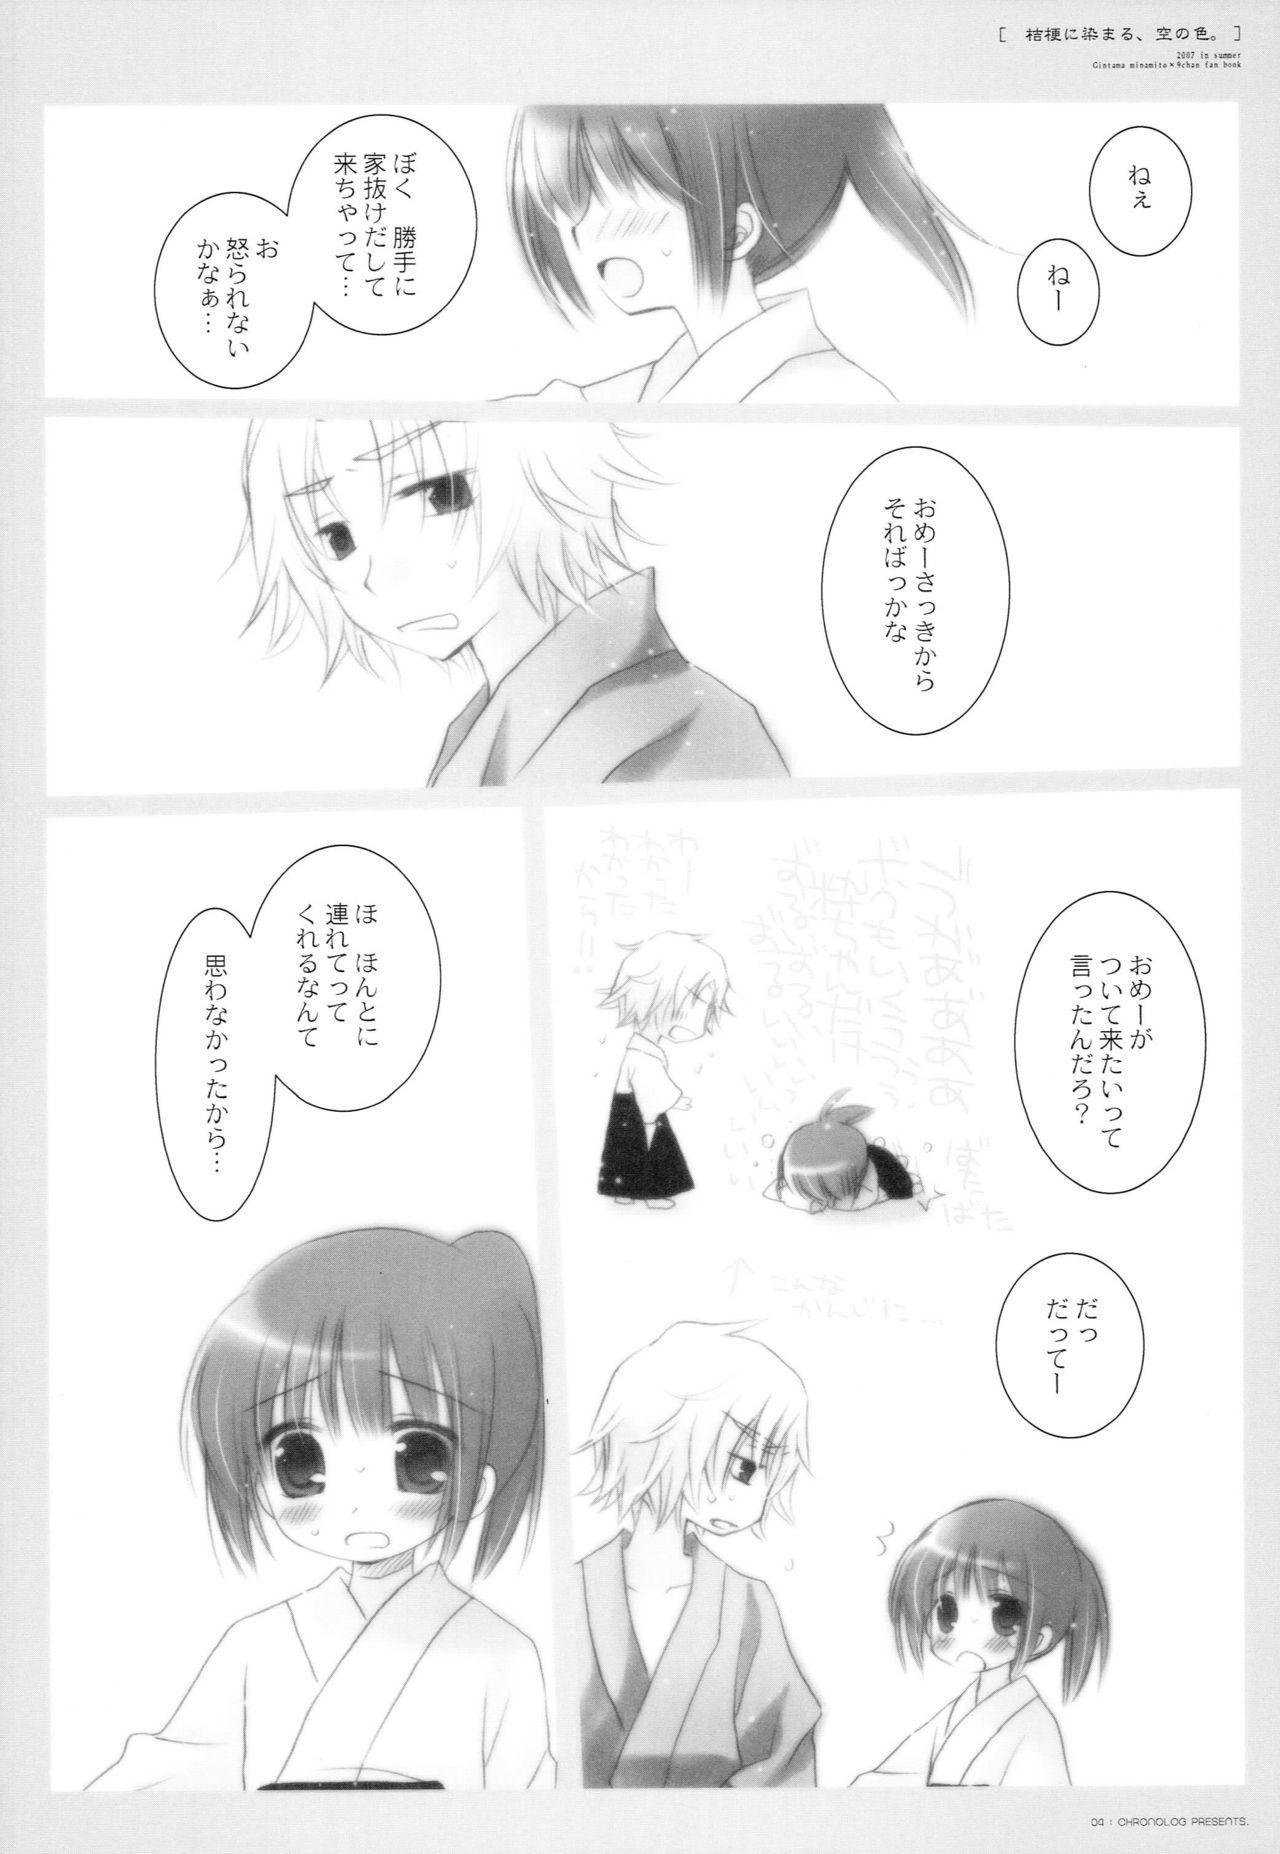 Kikyou ni Somaru Sora no Iro 2